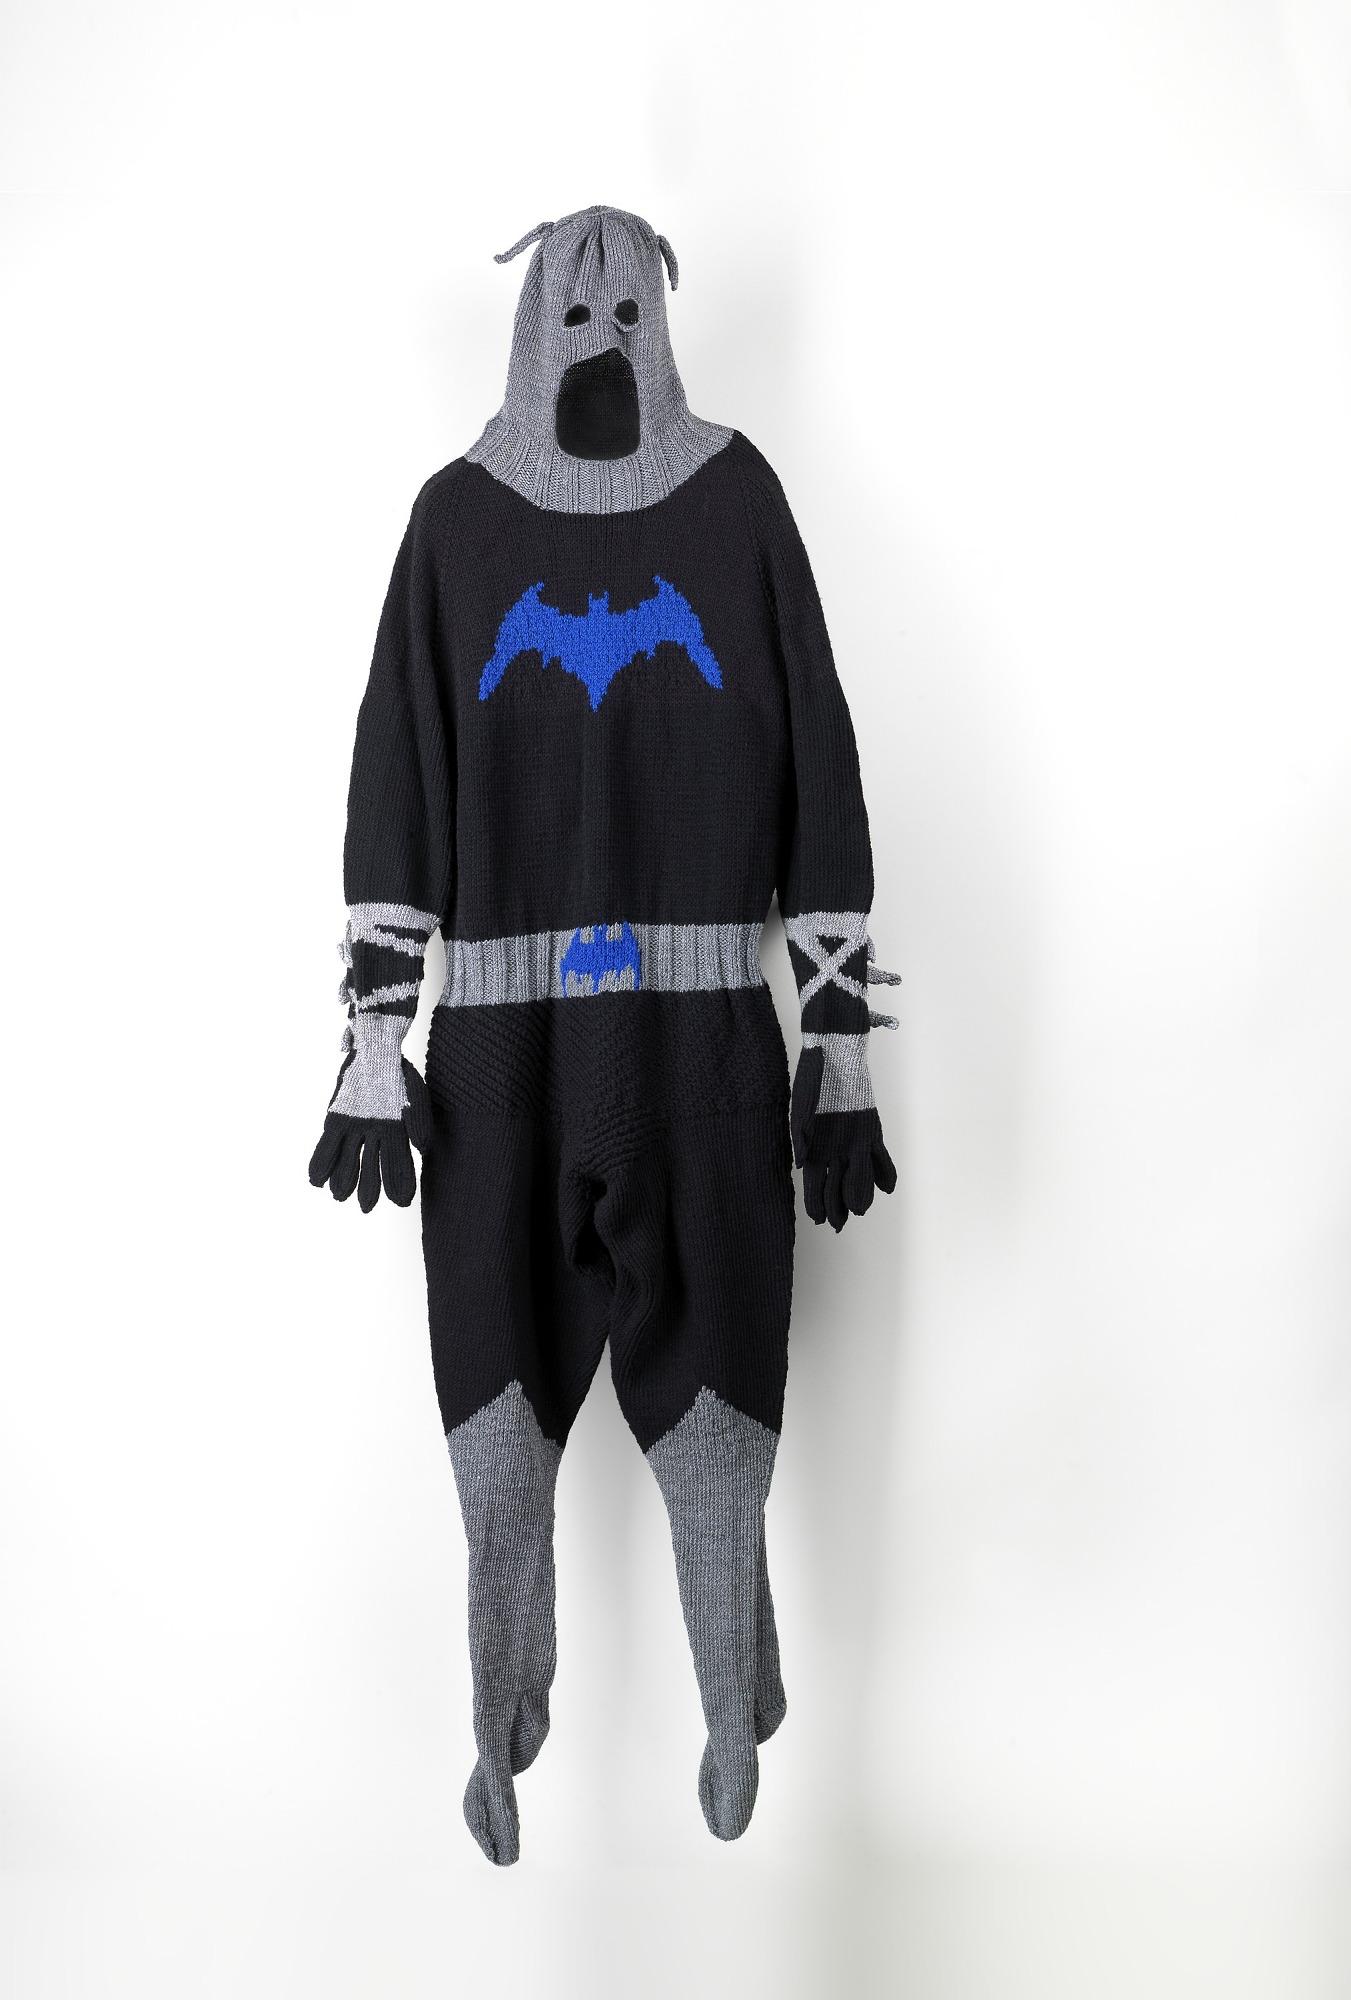 images for Batman 2